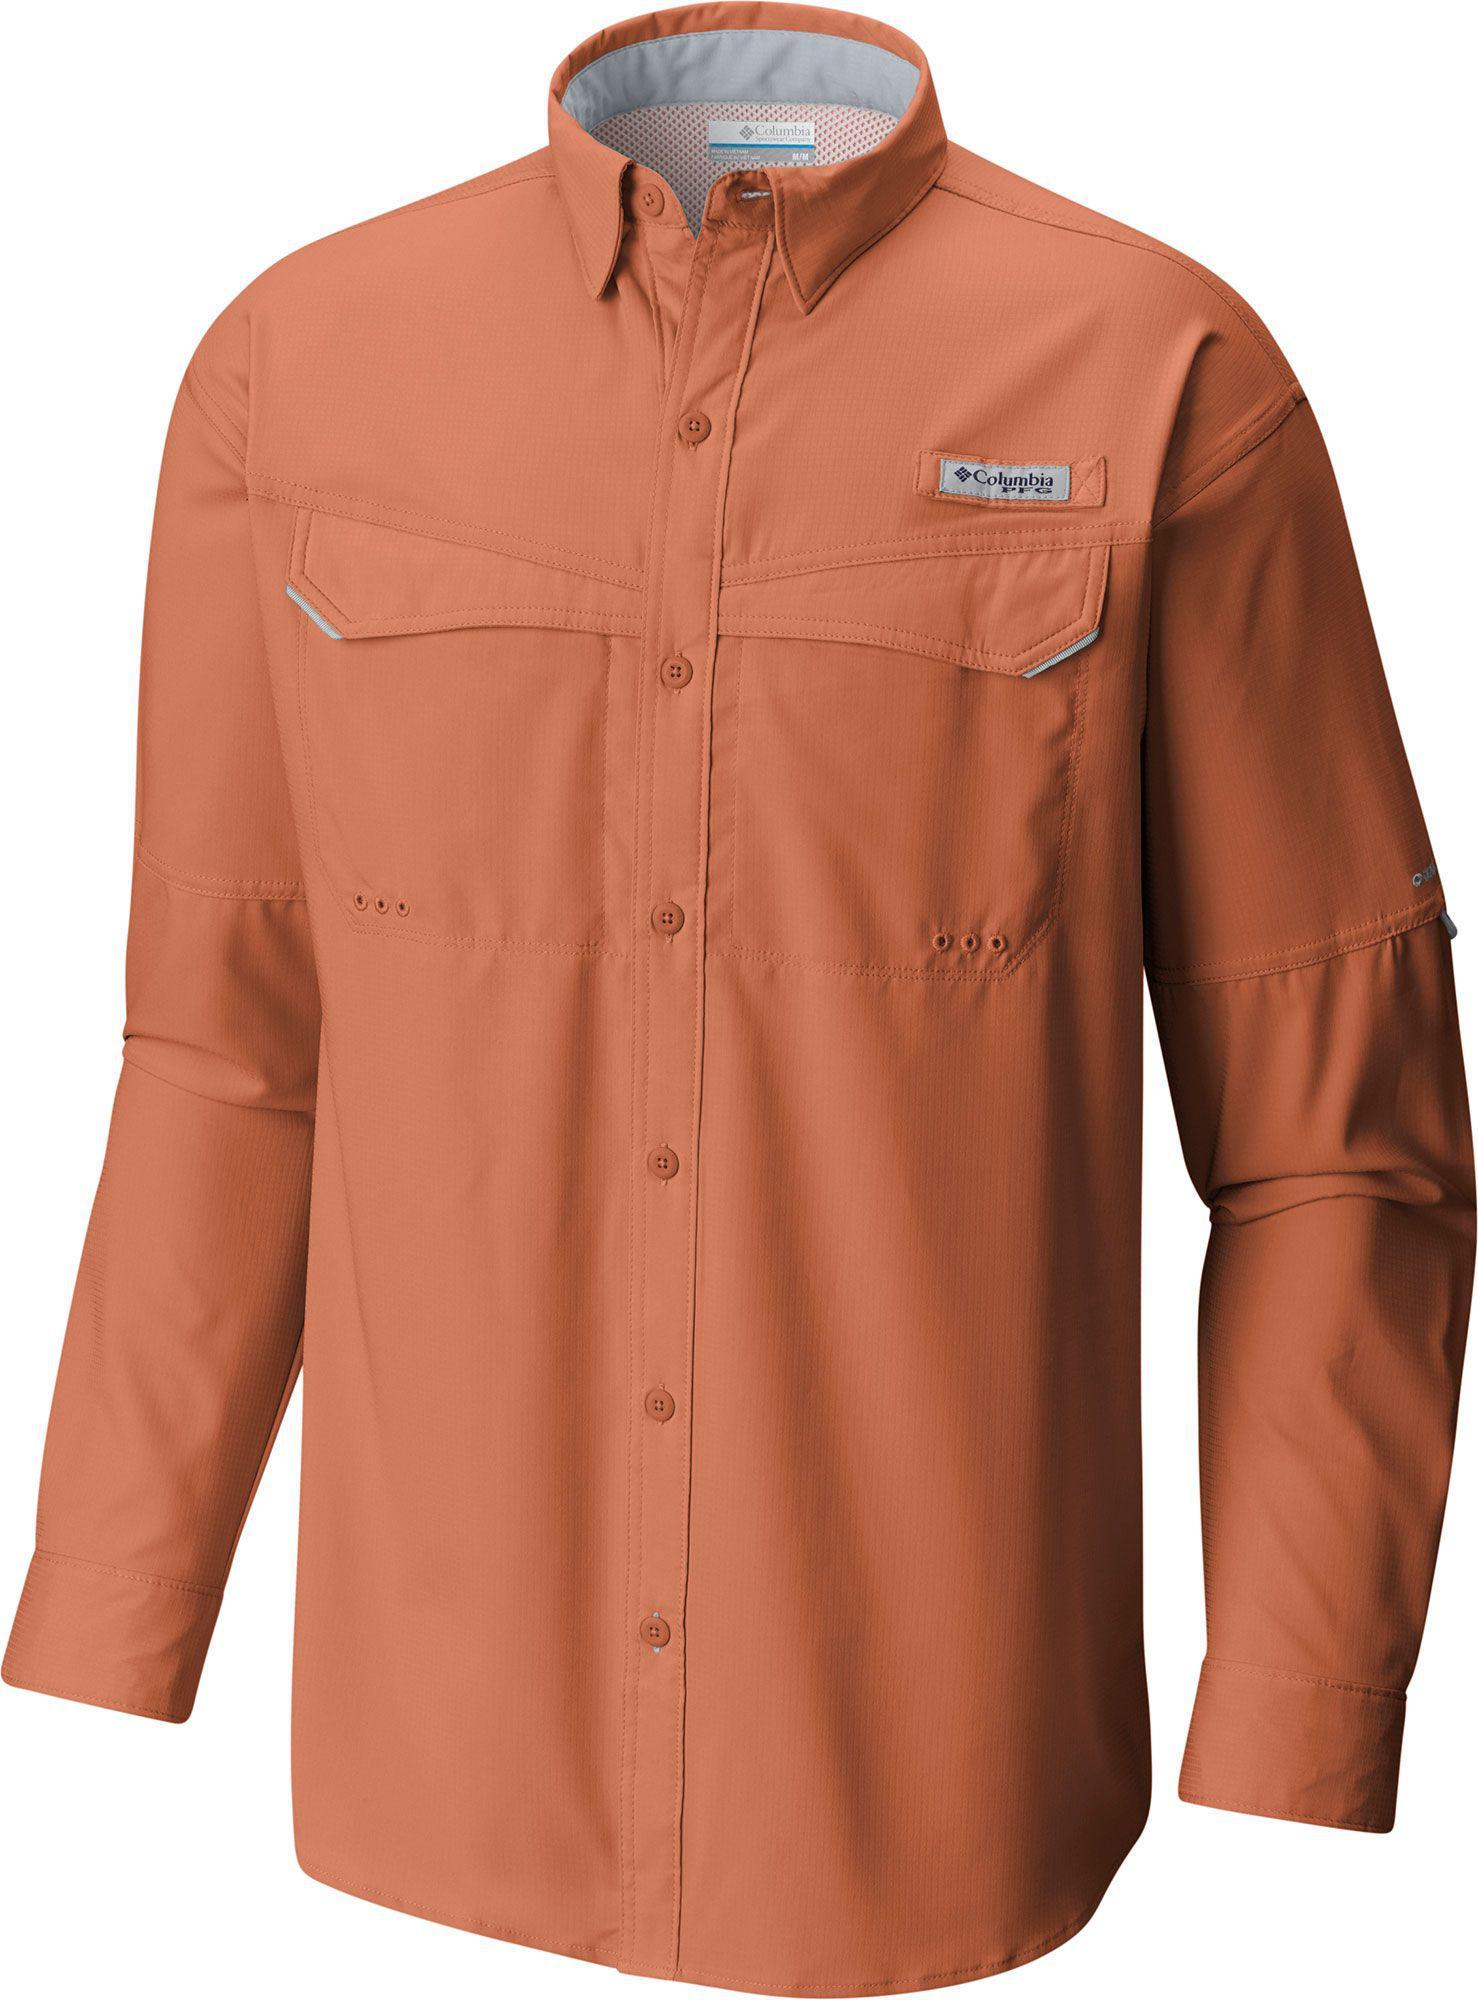 Columbia ~ PFG Bahama II Omni-Shade Men/'s Large Tall Long Sleeve Shirt $55 NWT